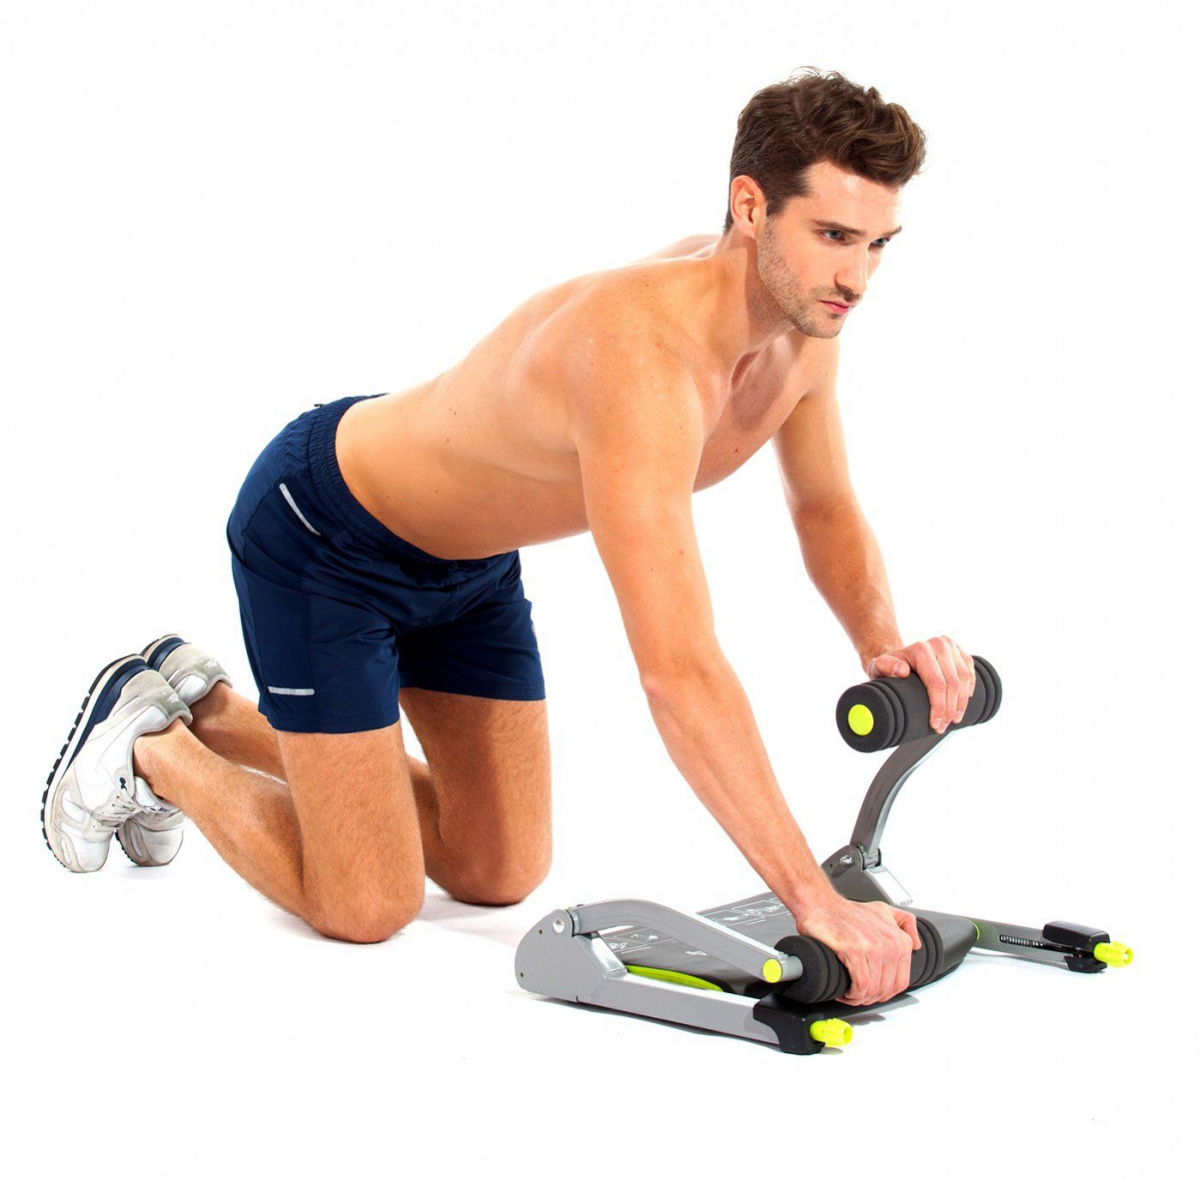 Тренажер Для Домашнего Похудения. Какой тренажёр самый эффективный для похудения дома?